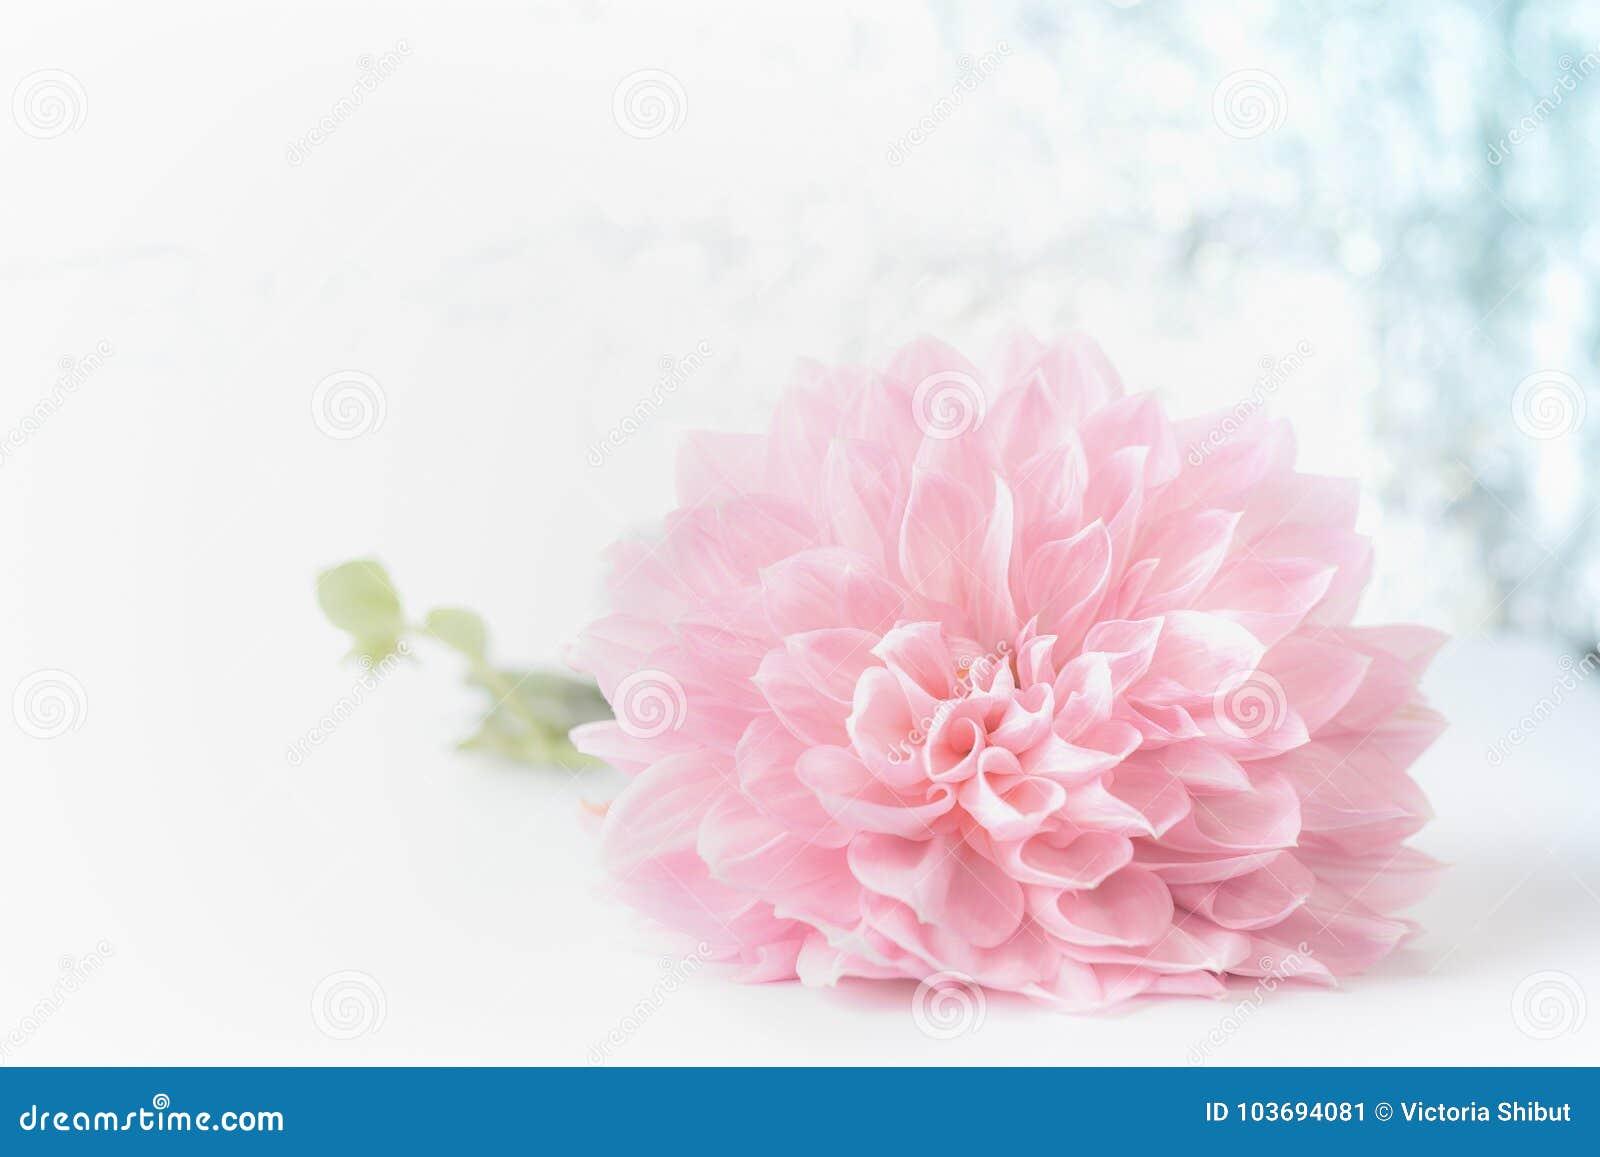 Grande belle fleur pâle rose sur le fond de bokeh, vue de face Carte de voeux florale créative pour le jour de mères, mariage, la